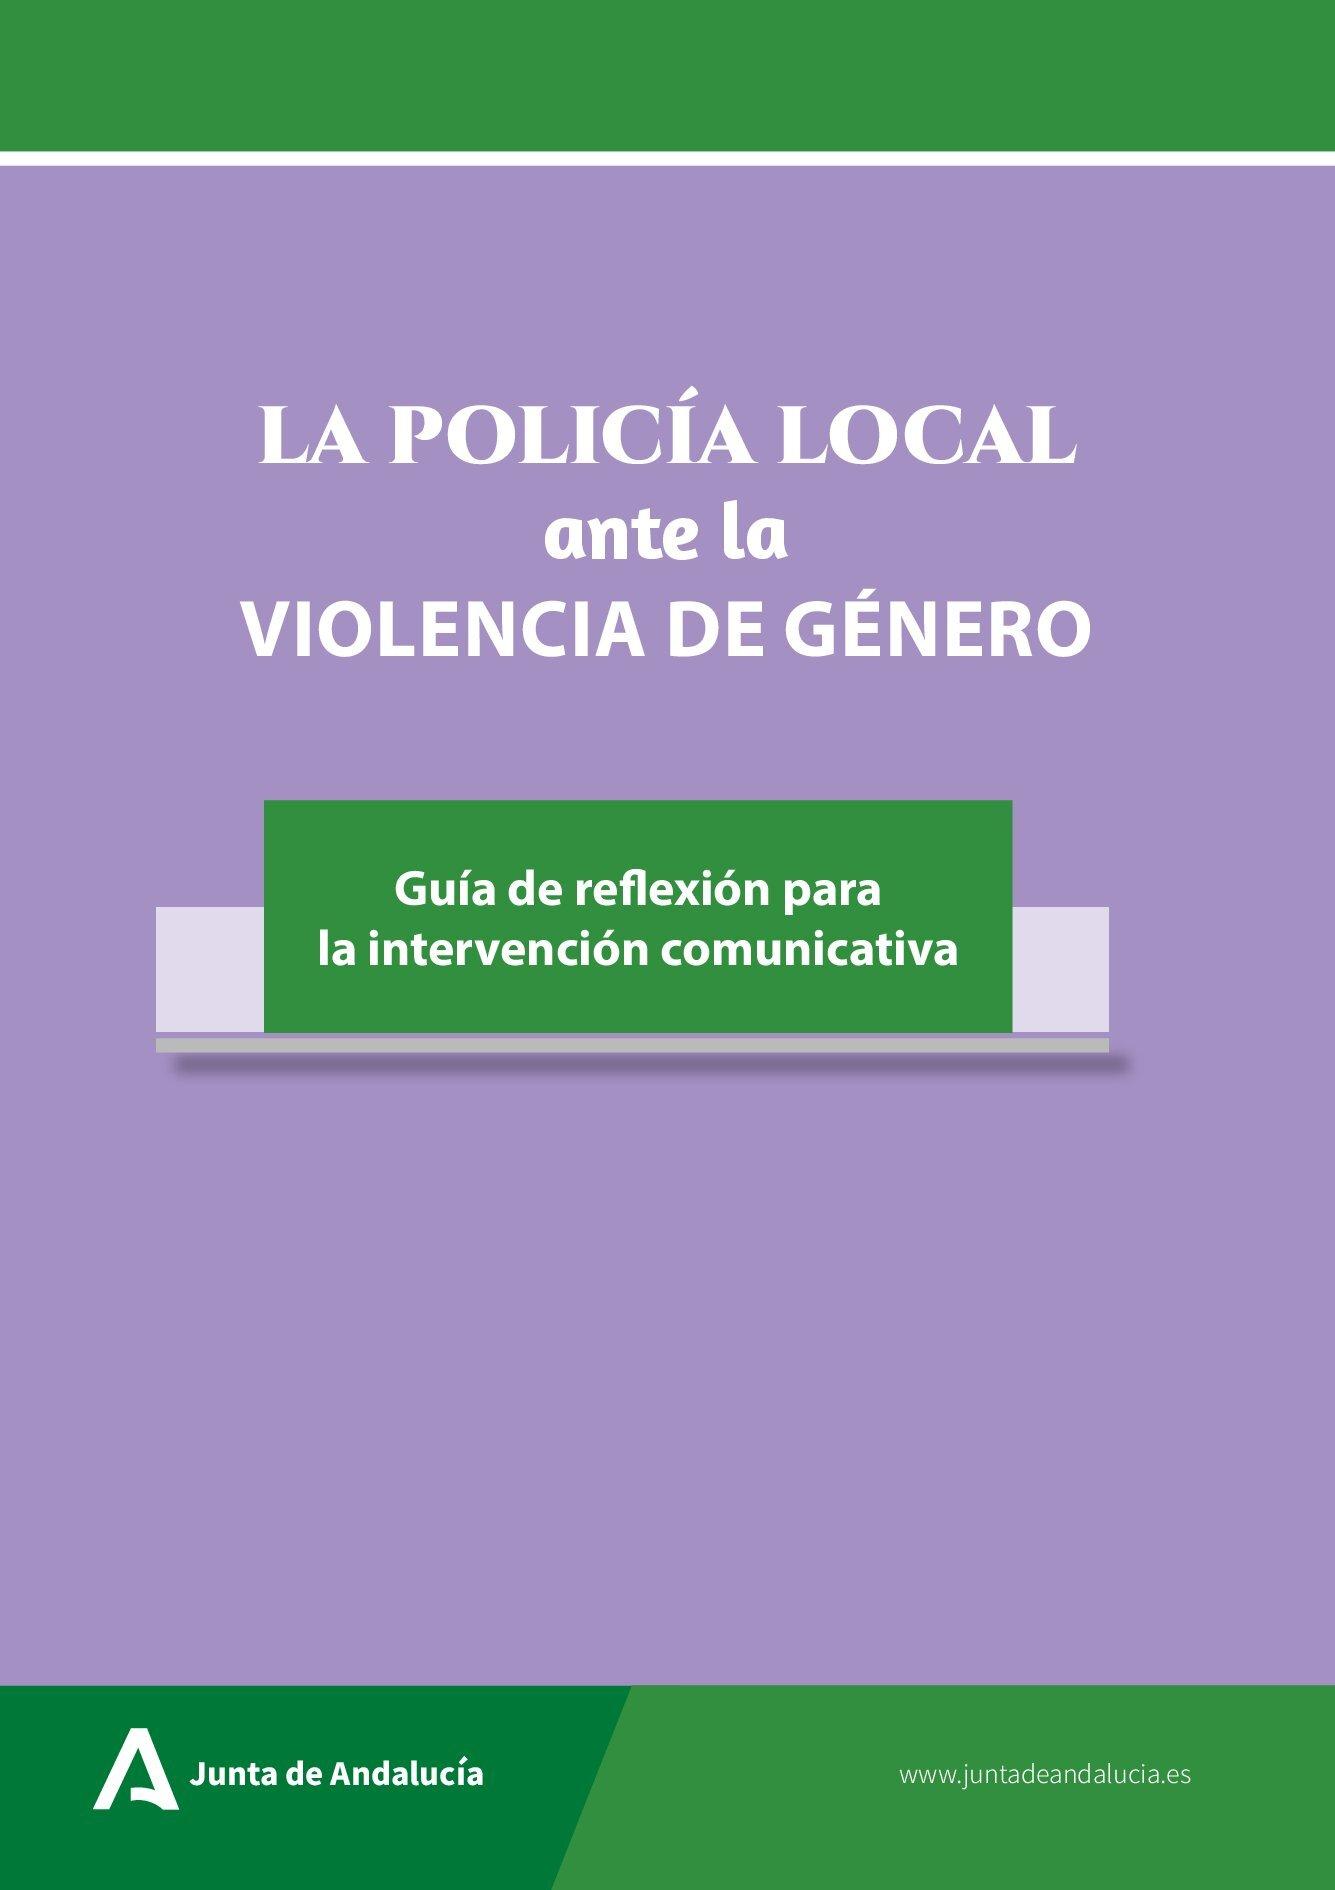 La Policía Local ante la violencia de género.